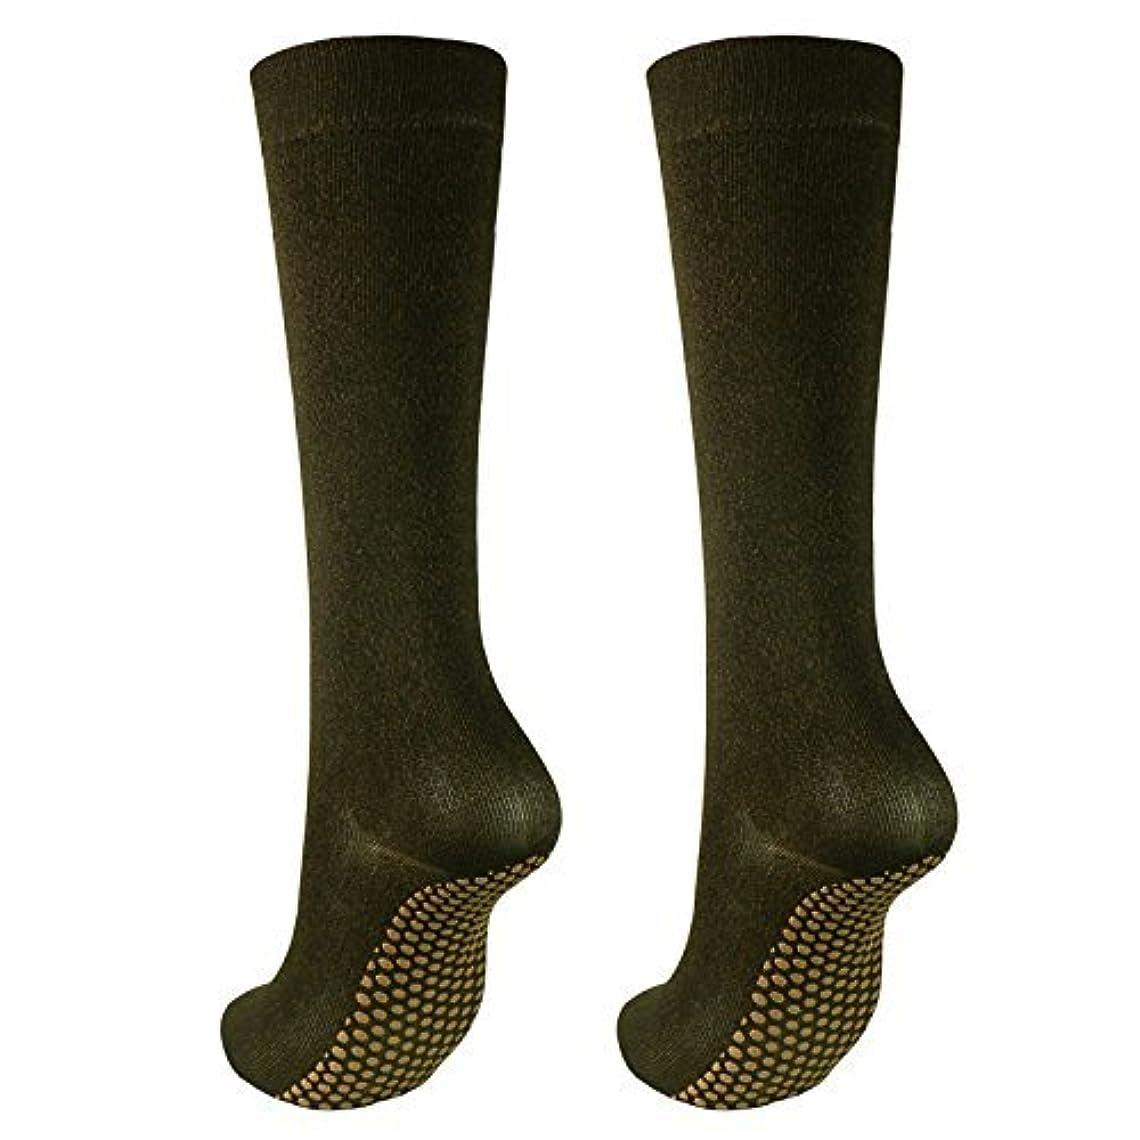 閉塞不快な無傷銅繊維靴下「足もとはいつも青春」ハイソックスタイプ2足セット?静電気対策にも